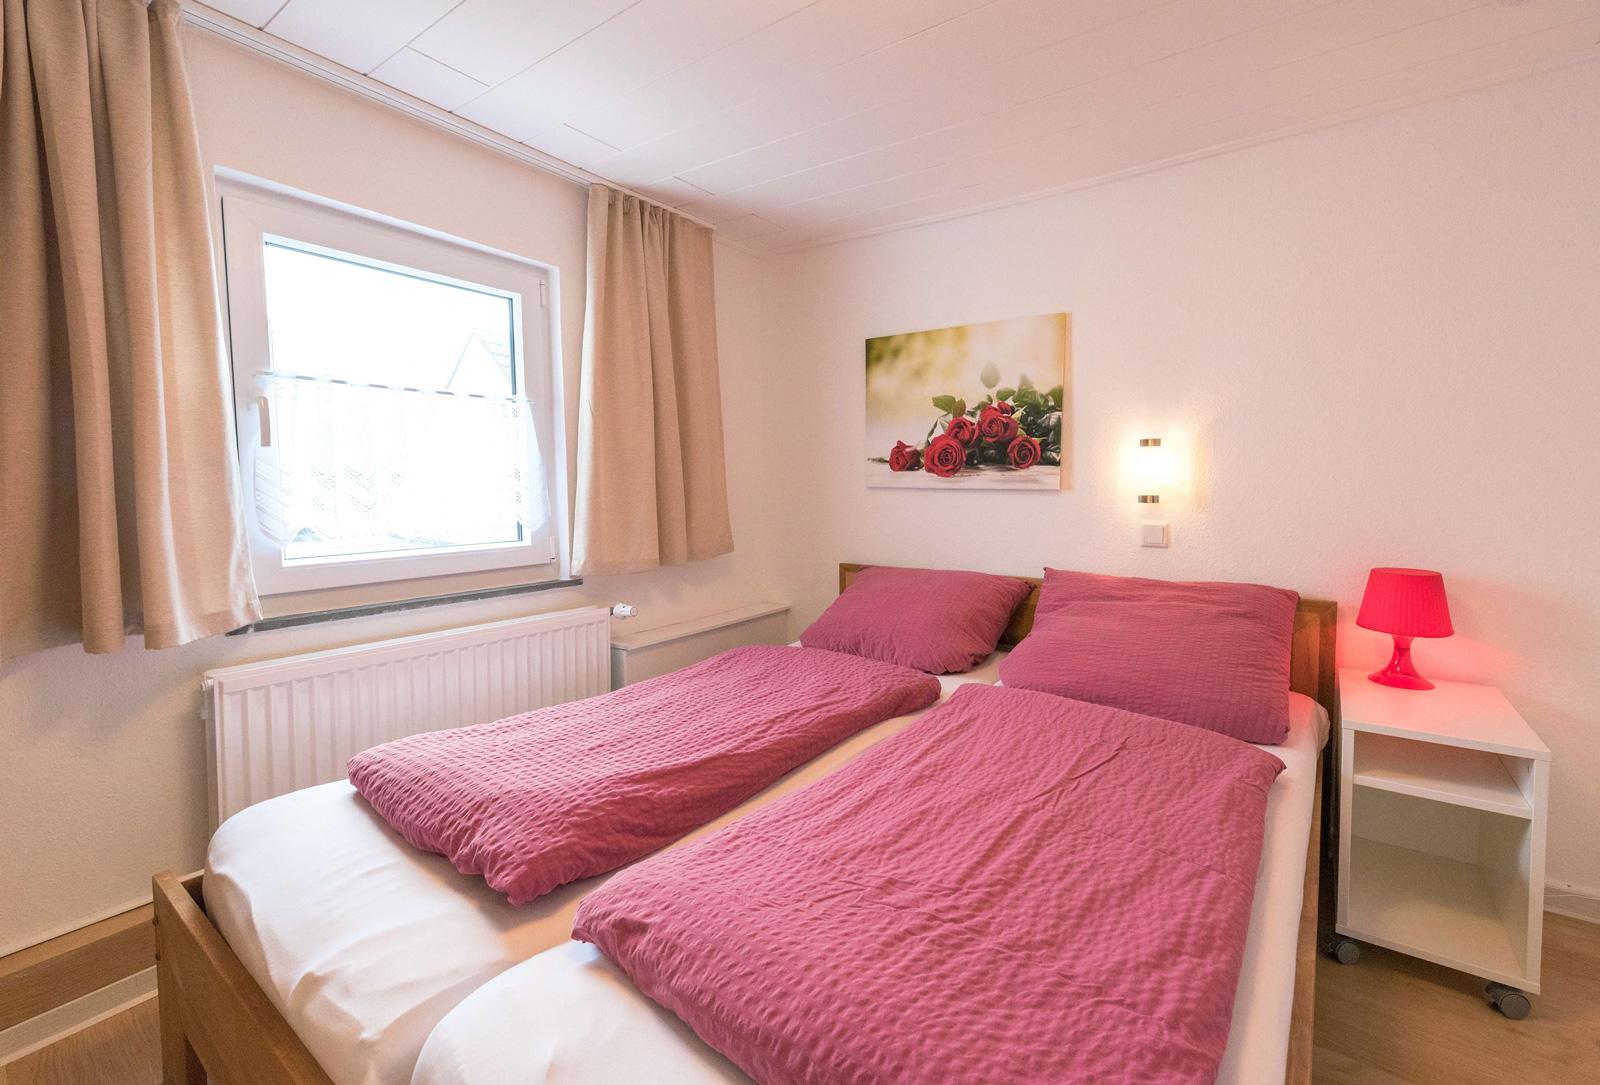 Ferienwohnung-Norderney-Dornröschen-Wohnung-2-Schlafzimmer ...